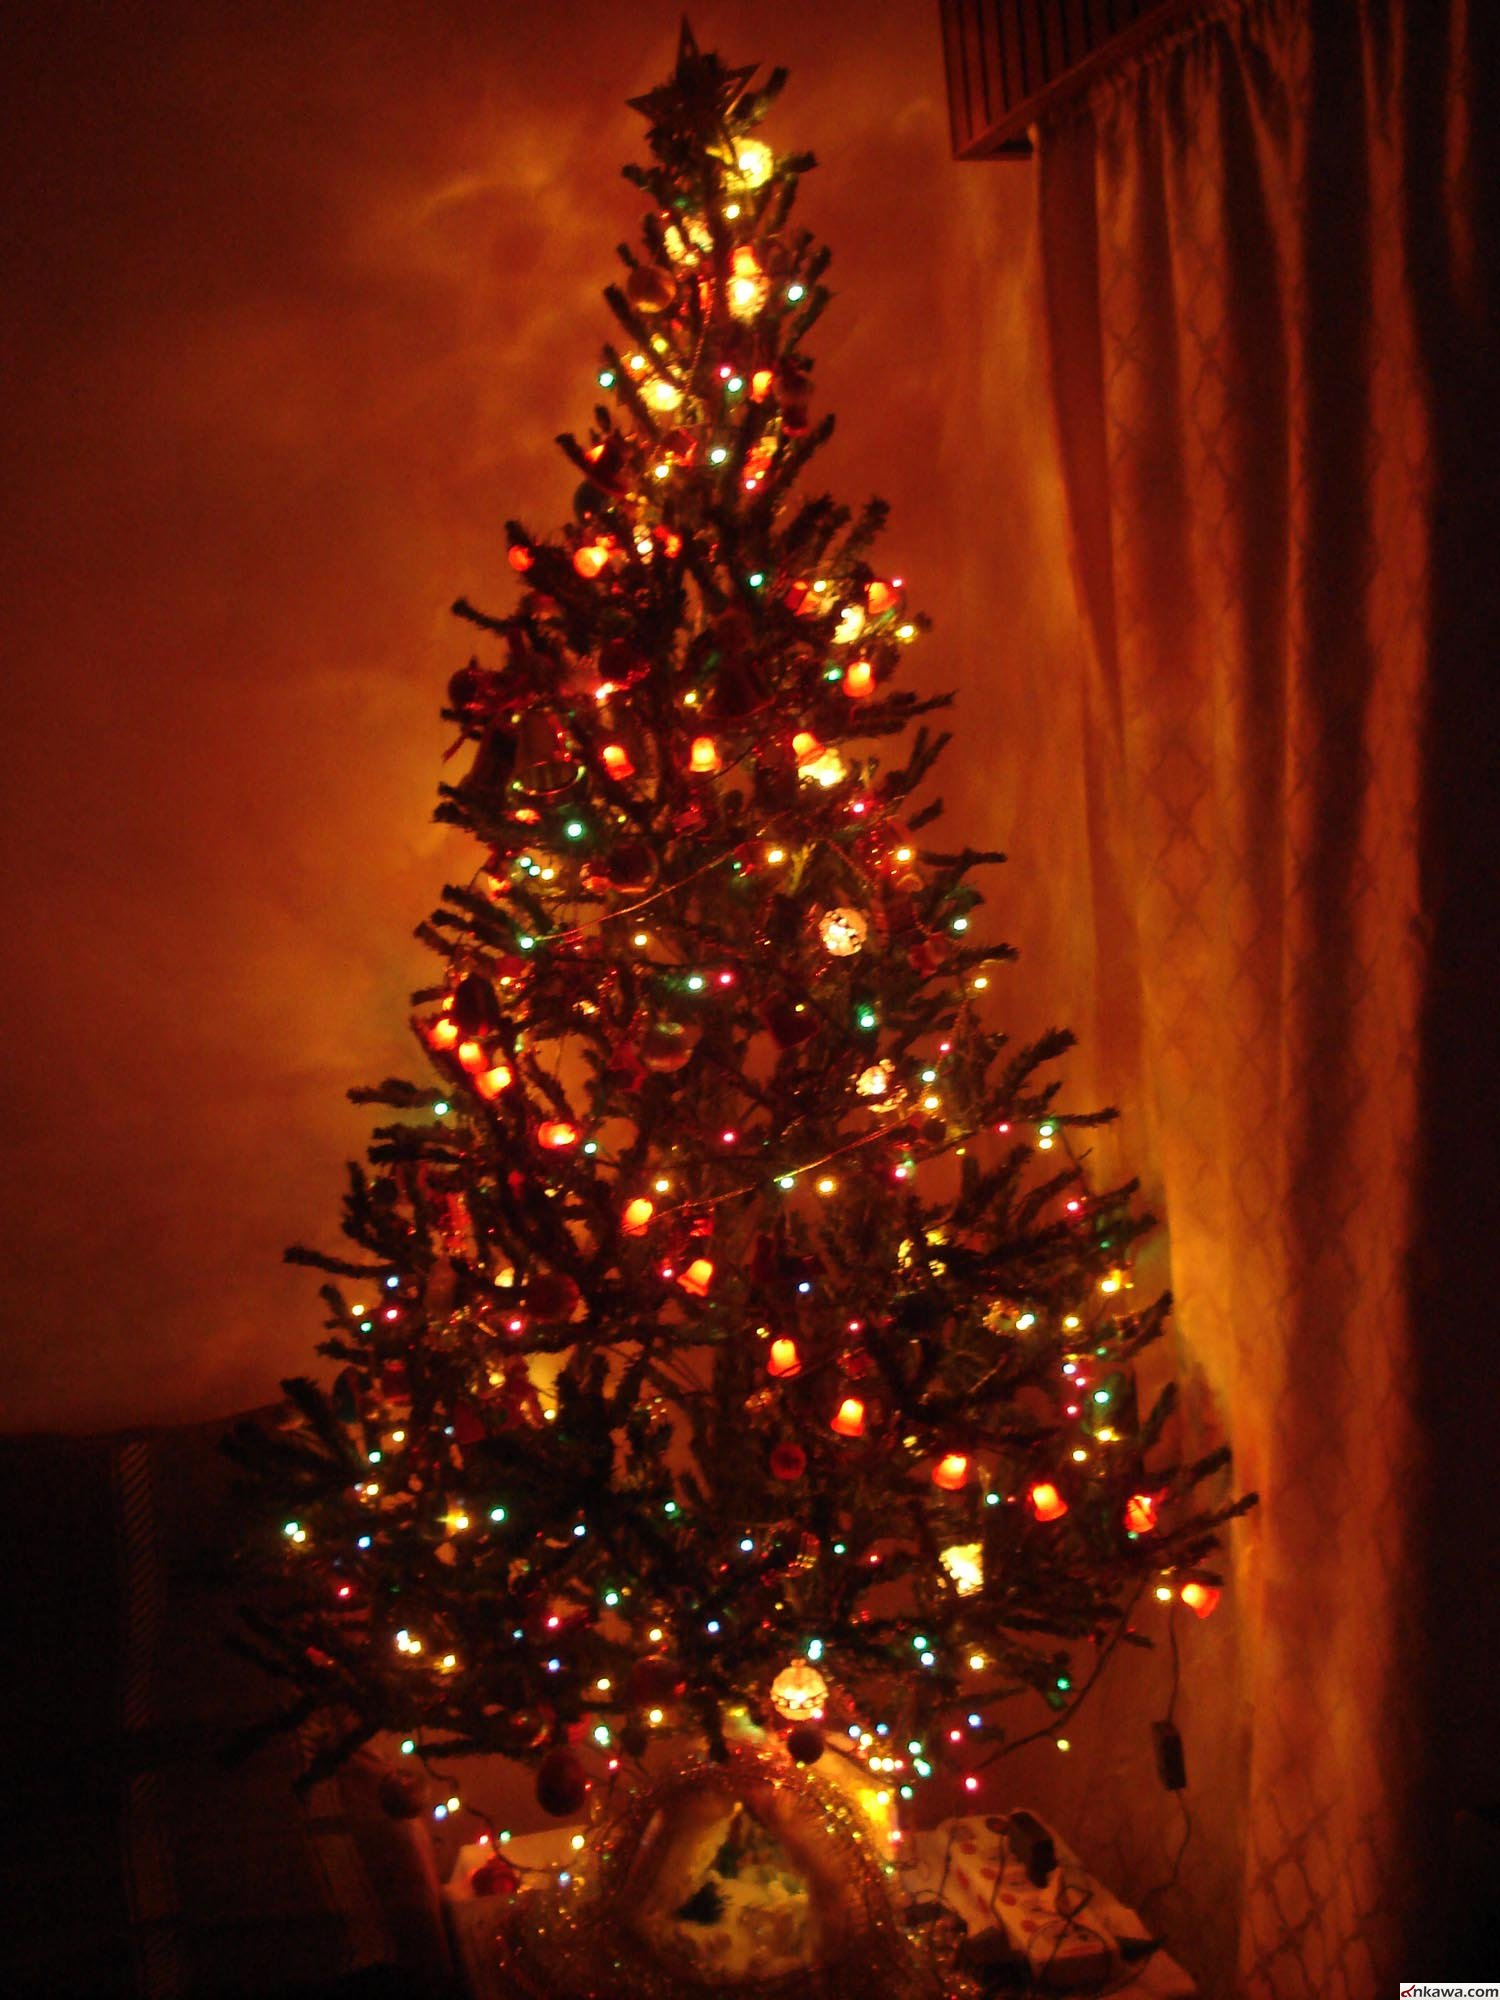 رد اشجار عيد الميلاد المنزلية